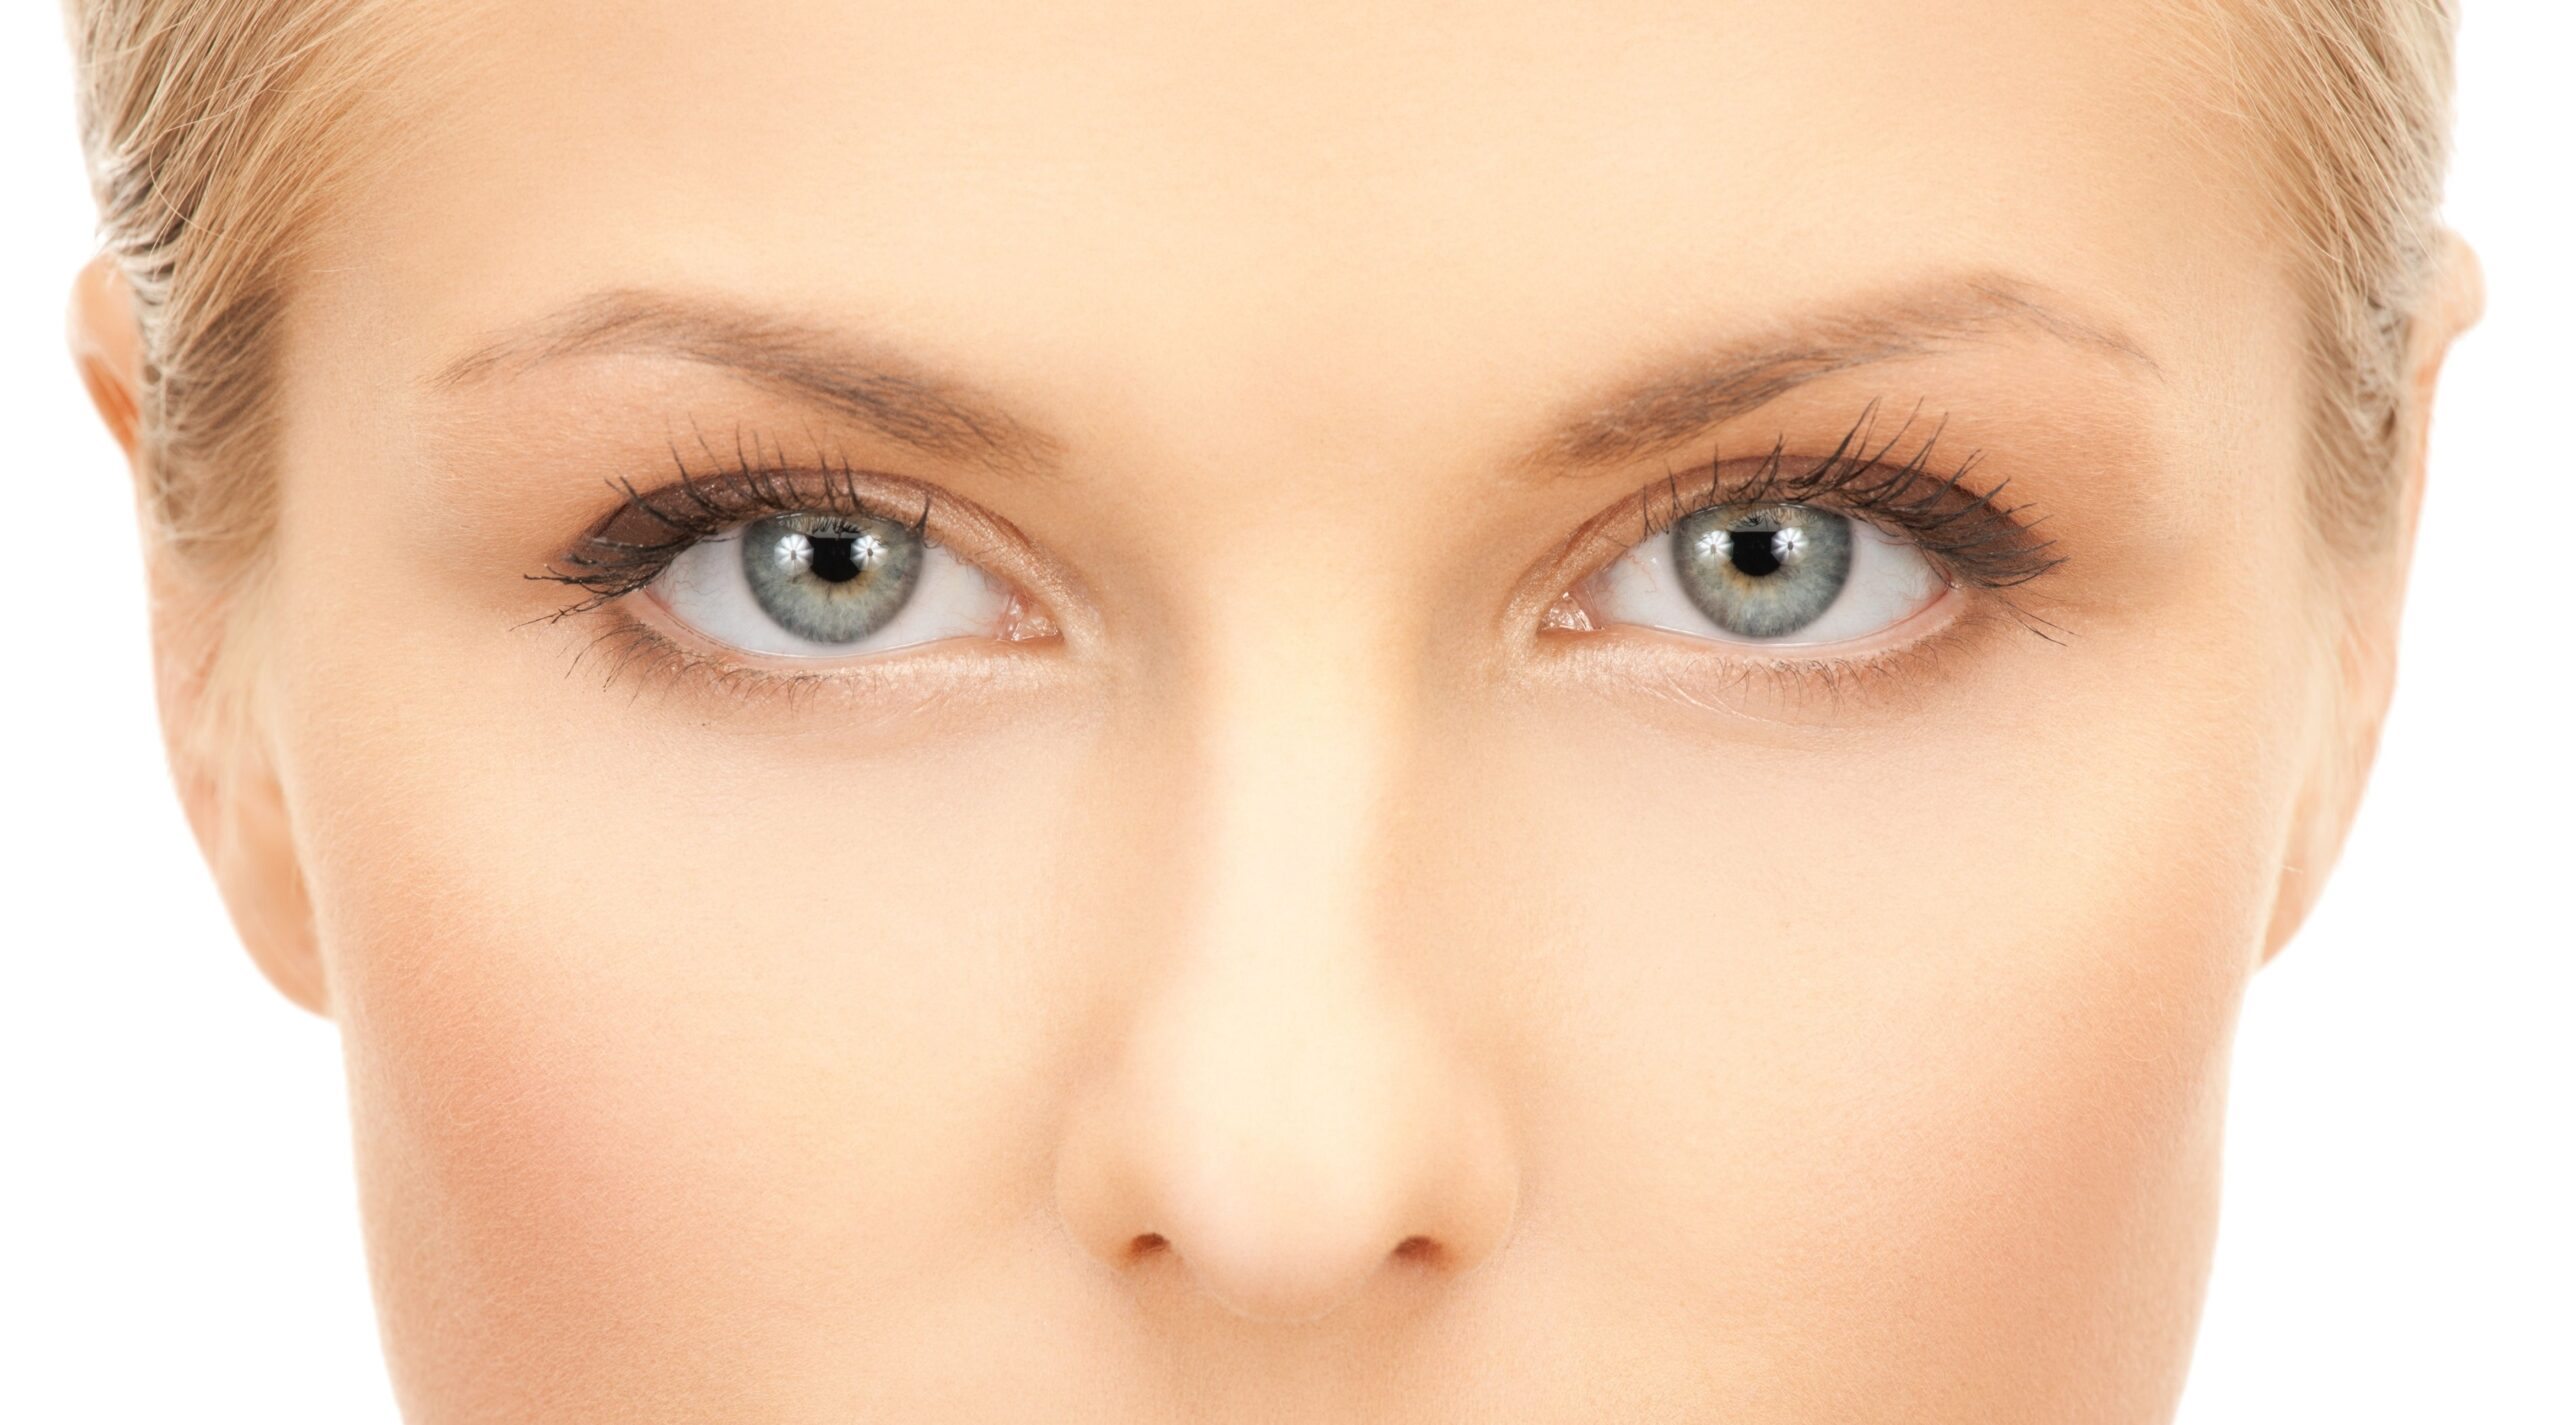 4 soluzioni per svegliarsi senza occhiaie